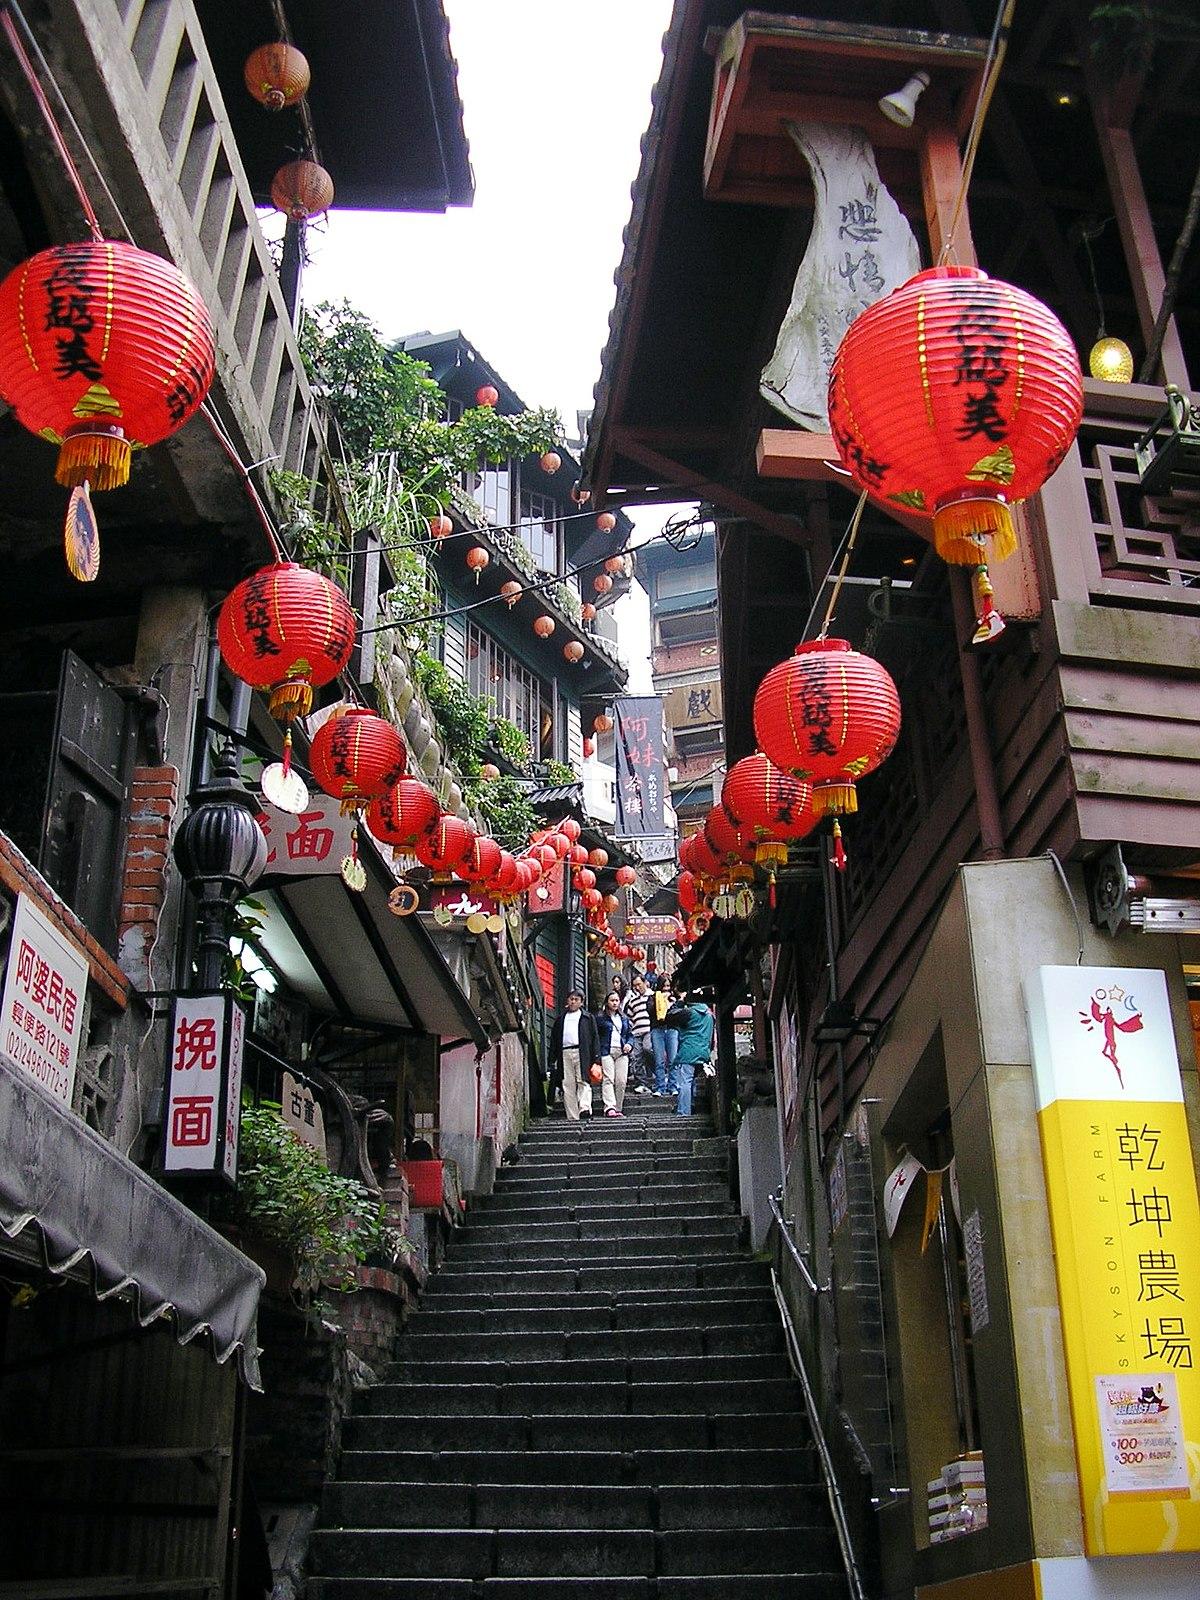 Temple taiwan stock photos